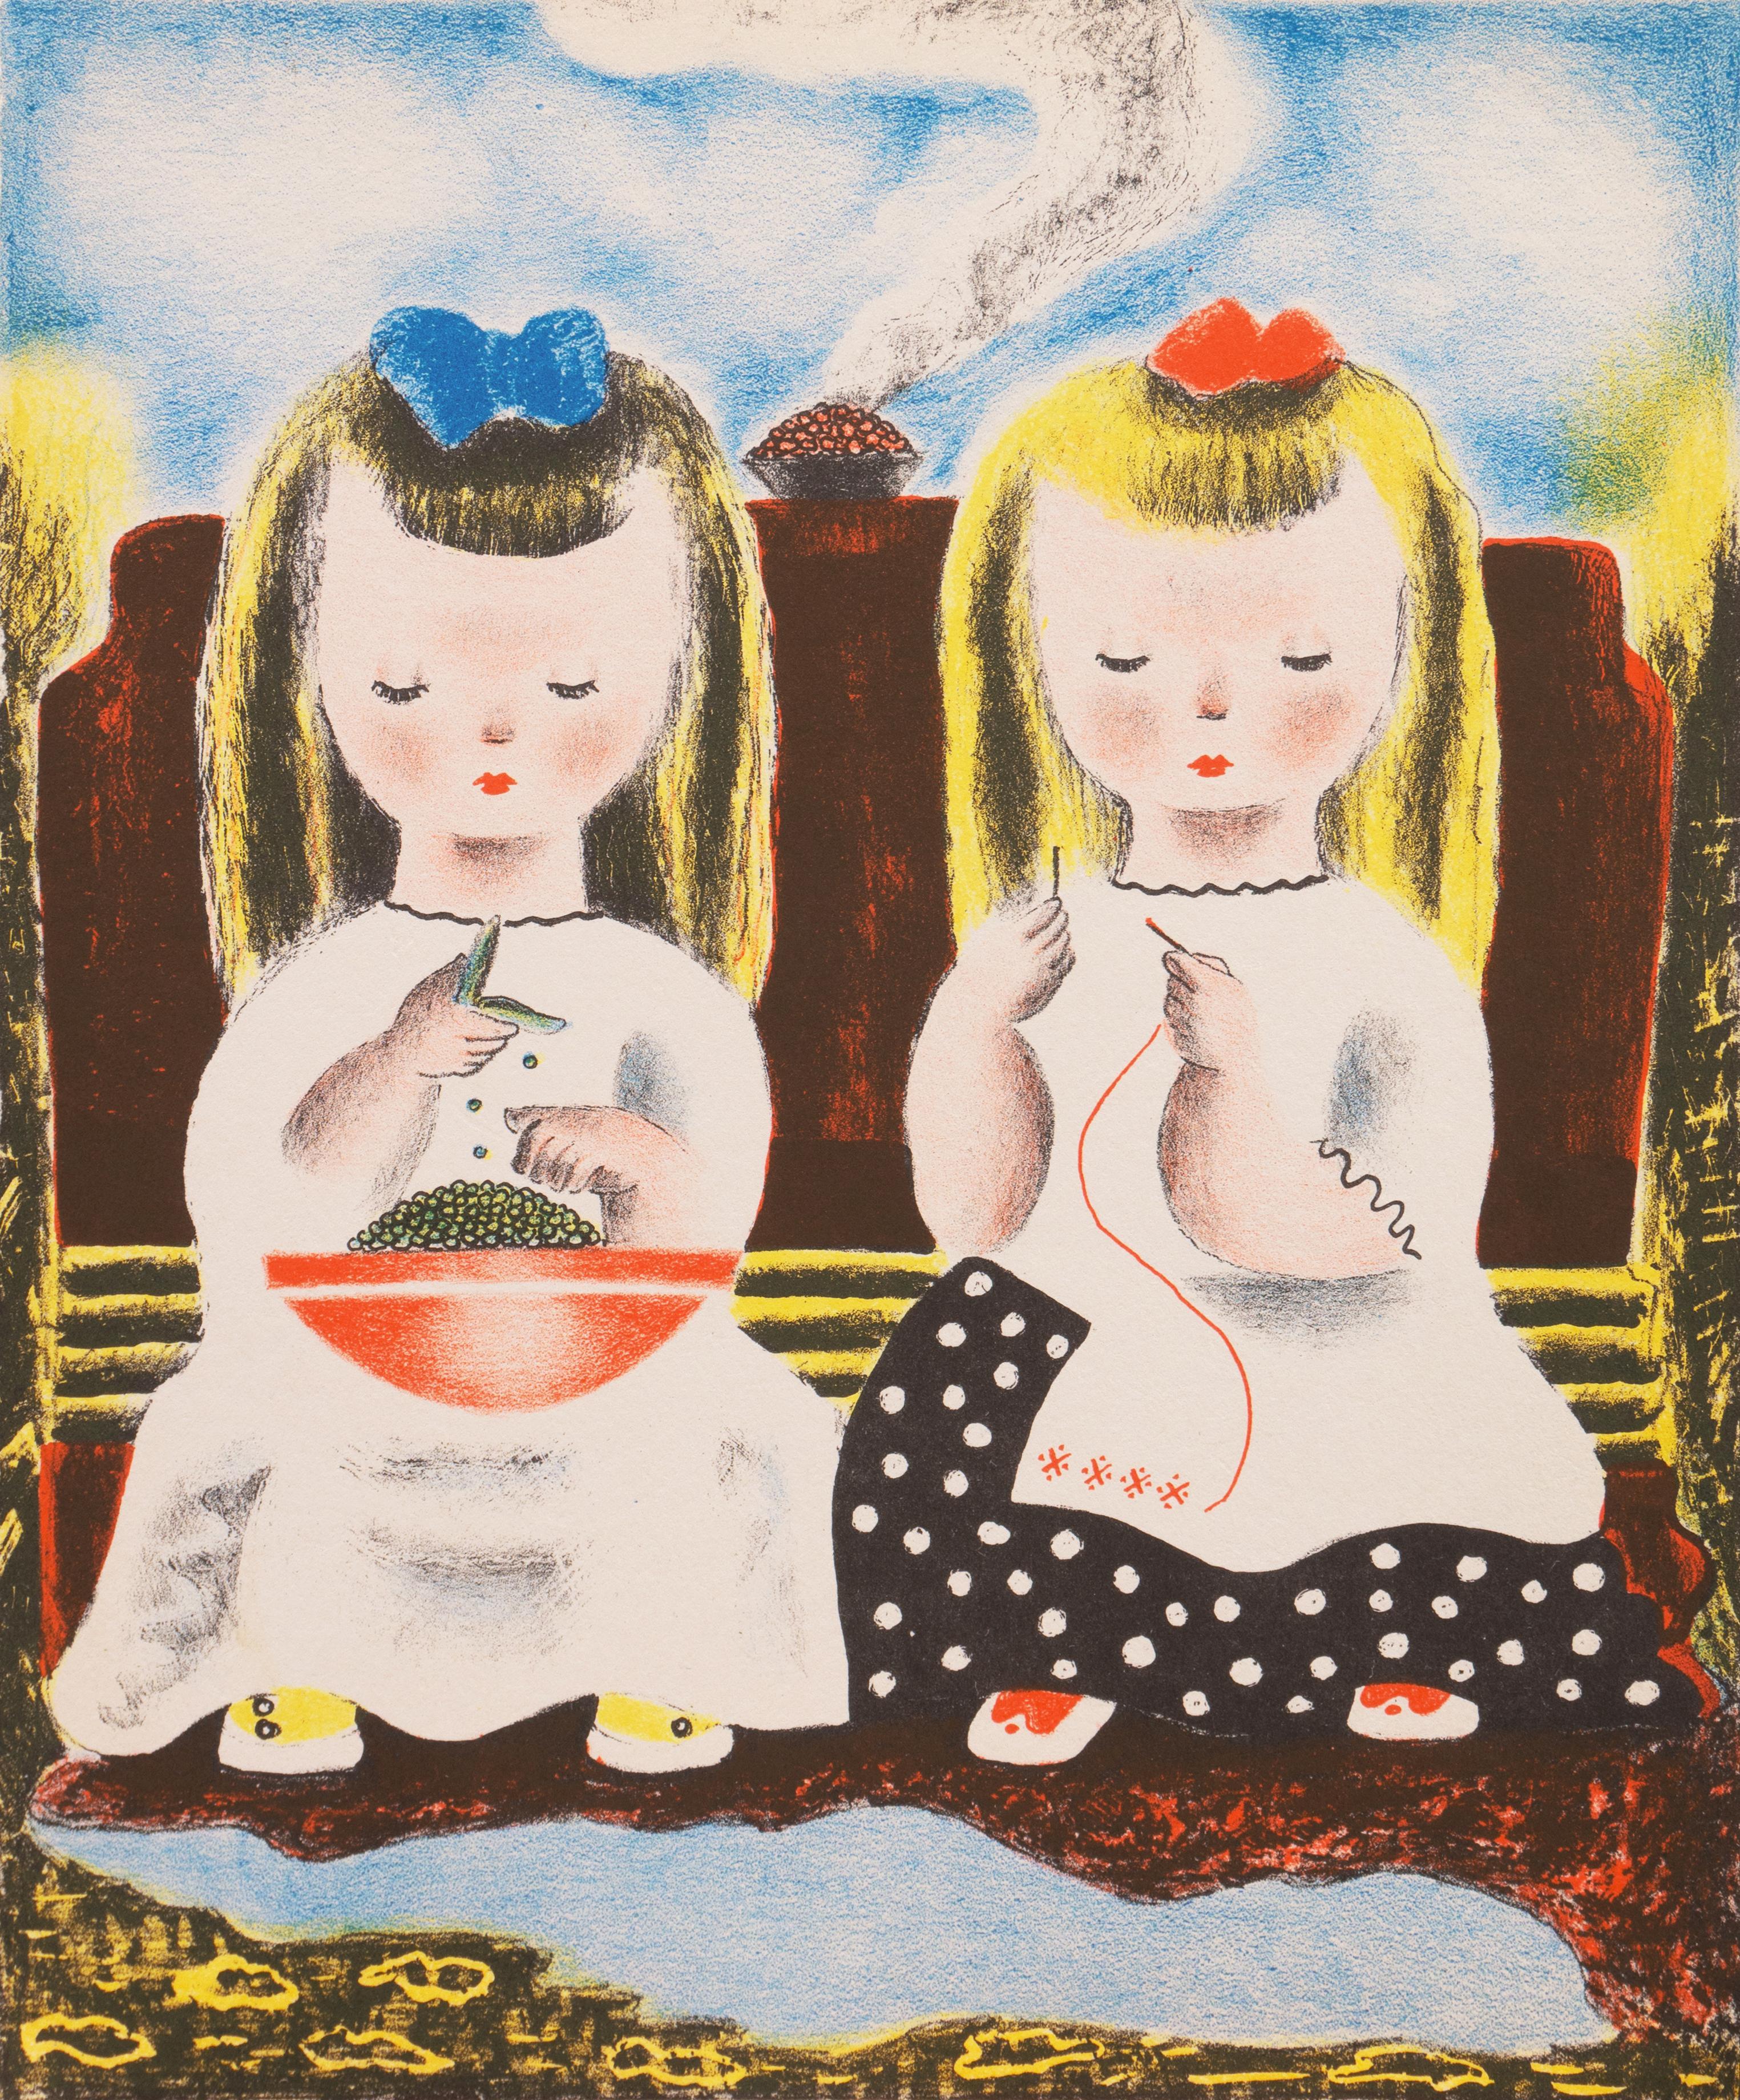 'Judy & Jessica', Art Deco Lithograph, Woman Artist, Salon d'Automne, Paris, AIC